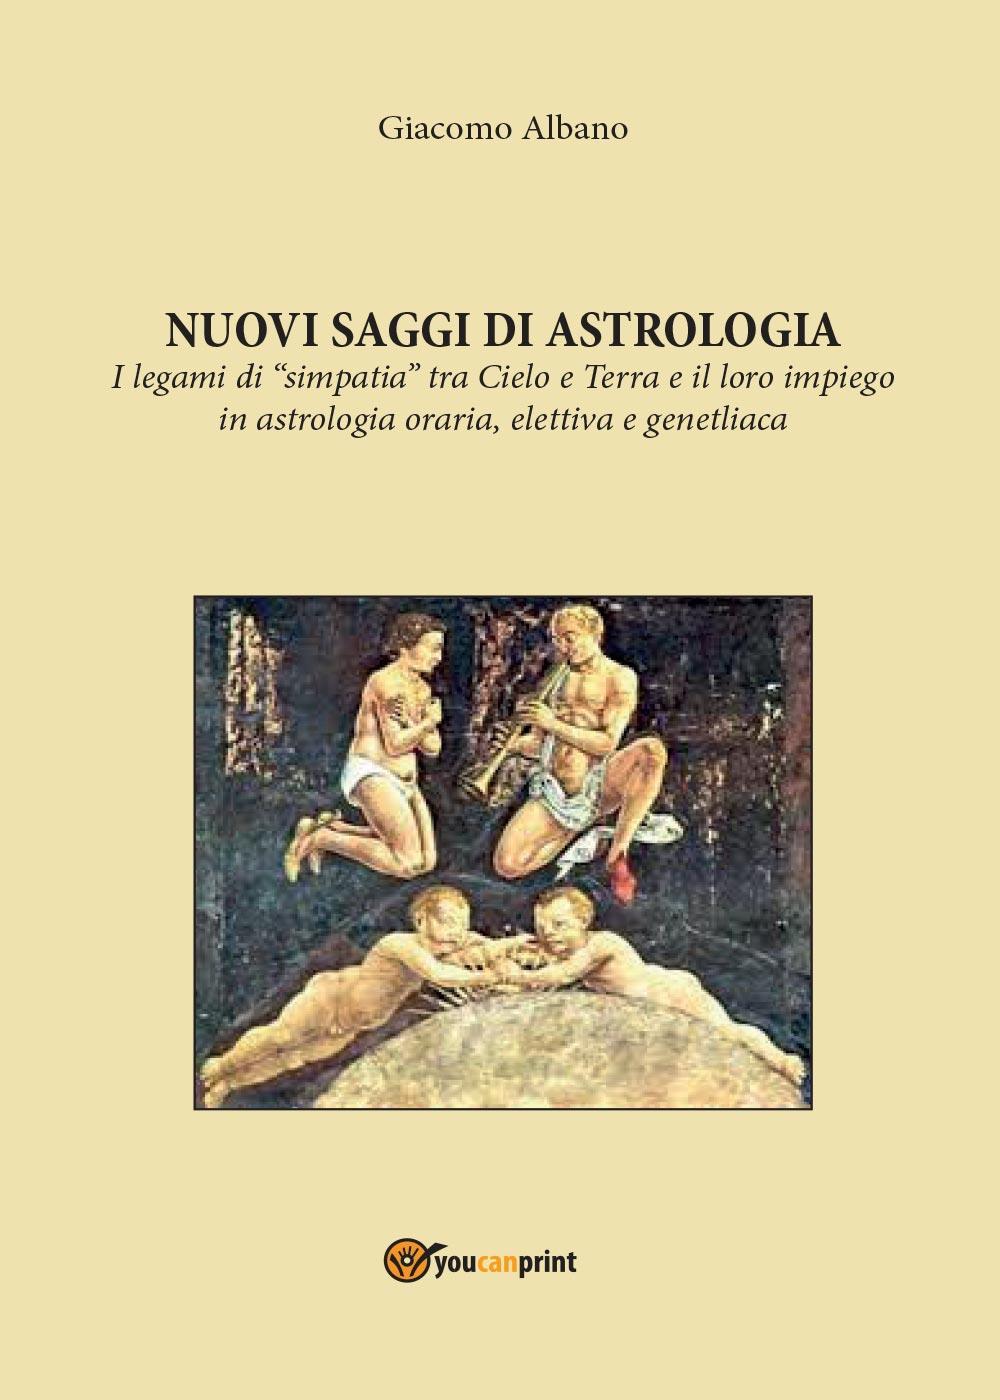 """NUOVI SAGGI DI ASTROLOGIA. I legami di """"simpatia"""" tra Cielo e Terra e il loro impiego in astrologia oraria, elettiva e genetliaca"""